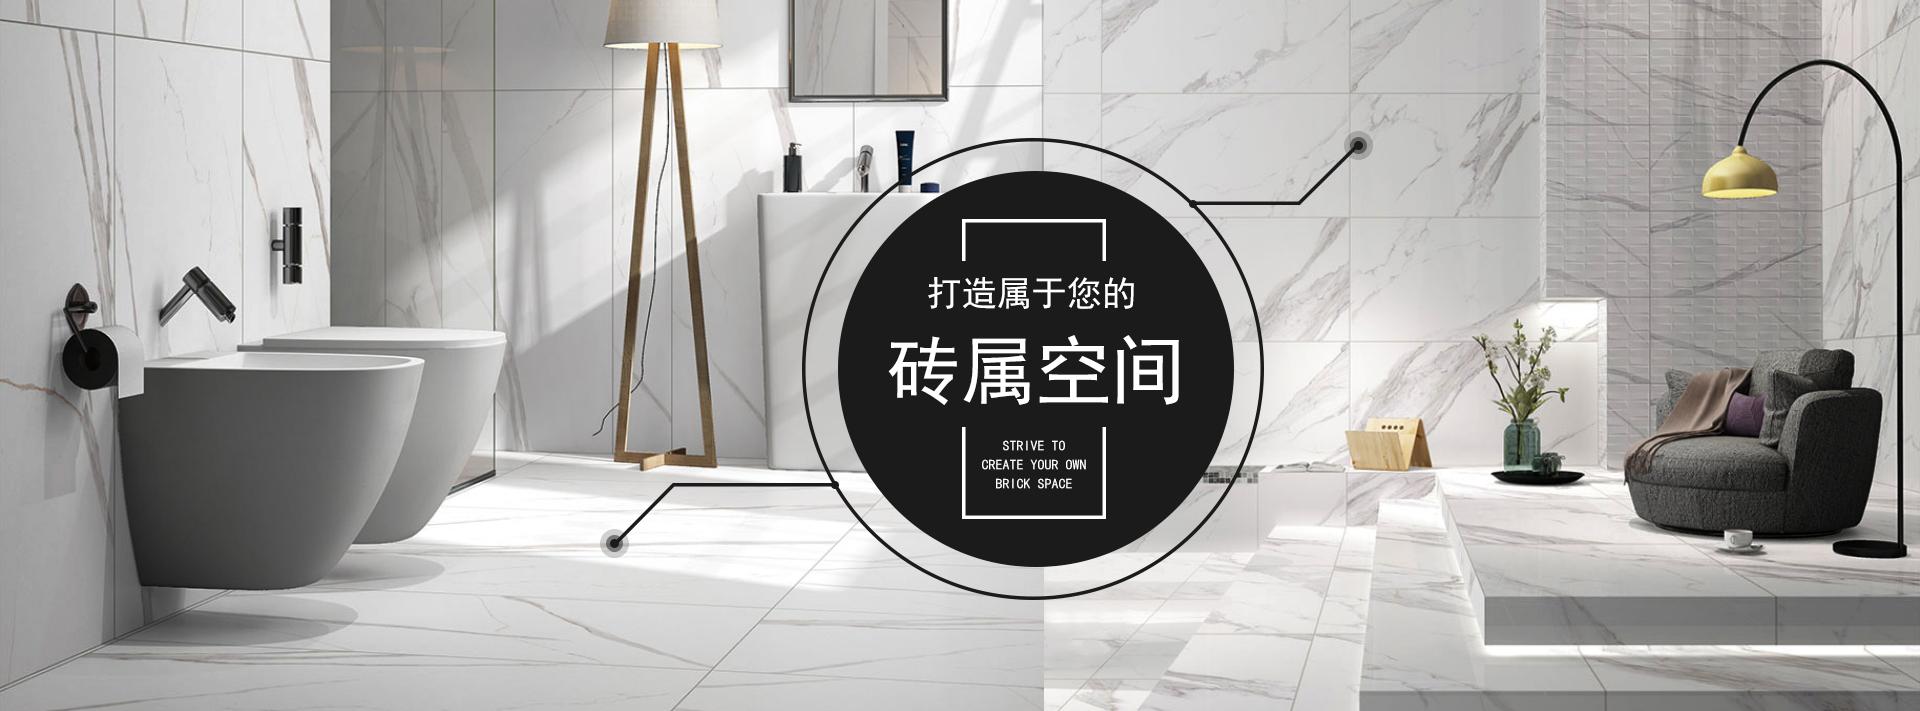 重庆大理石瓷砖